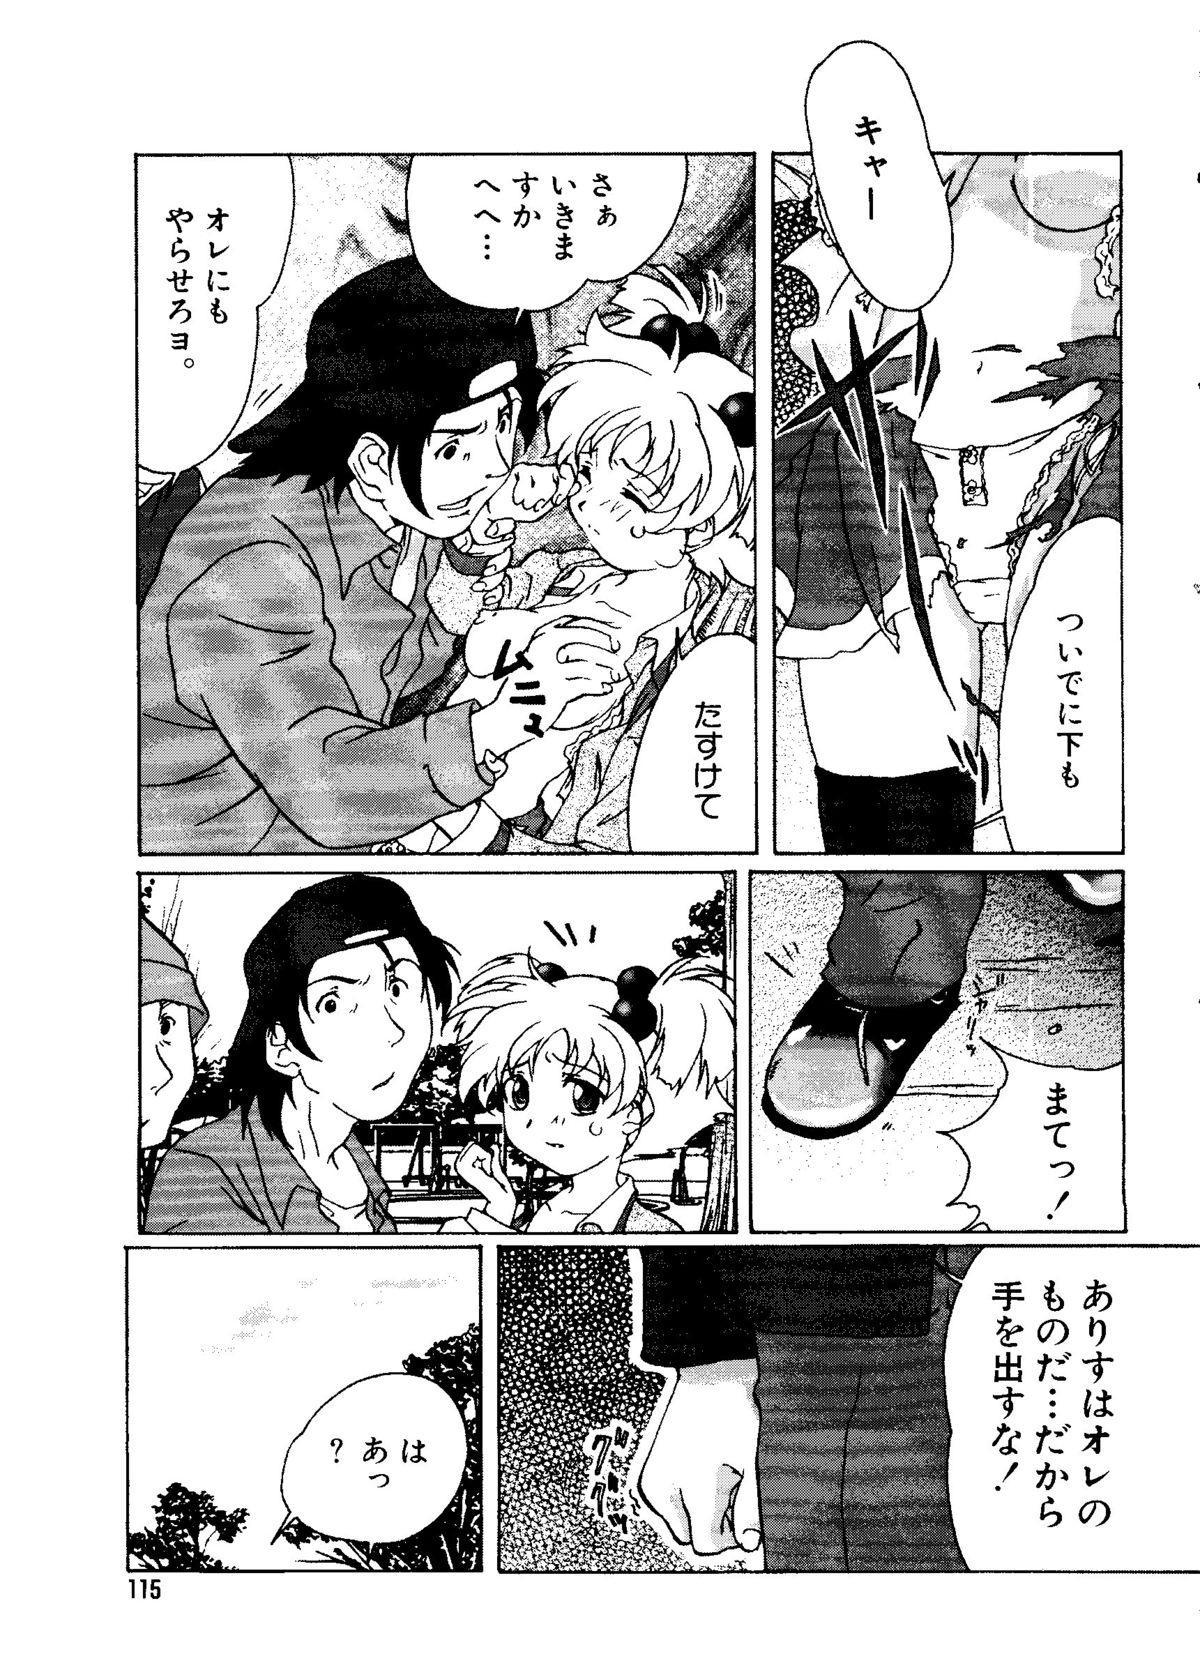 Mujirushi Youhin Vol. 7 113